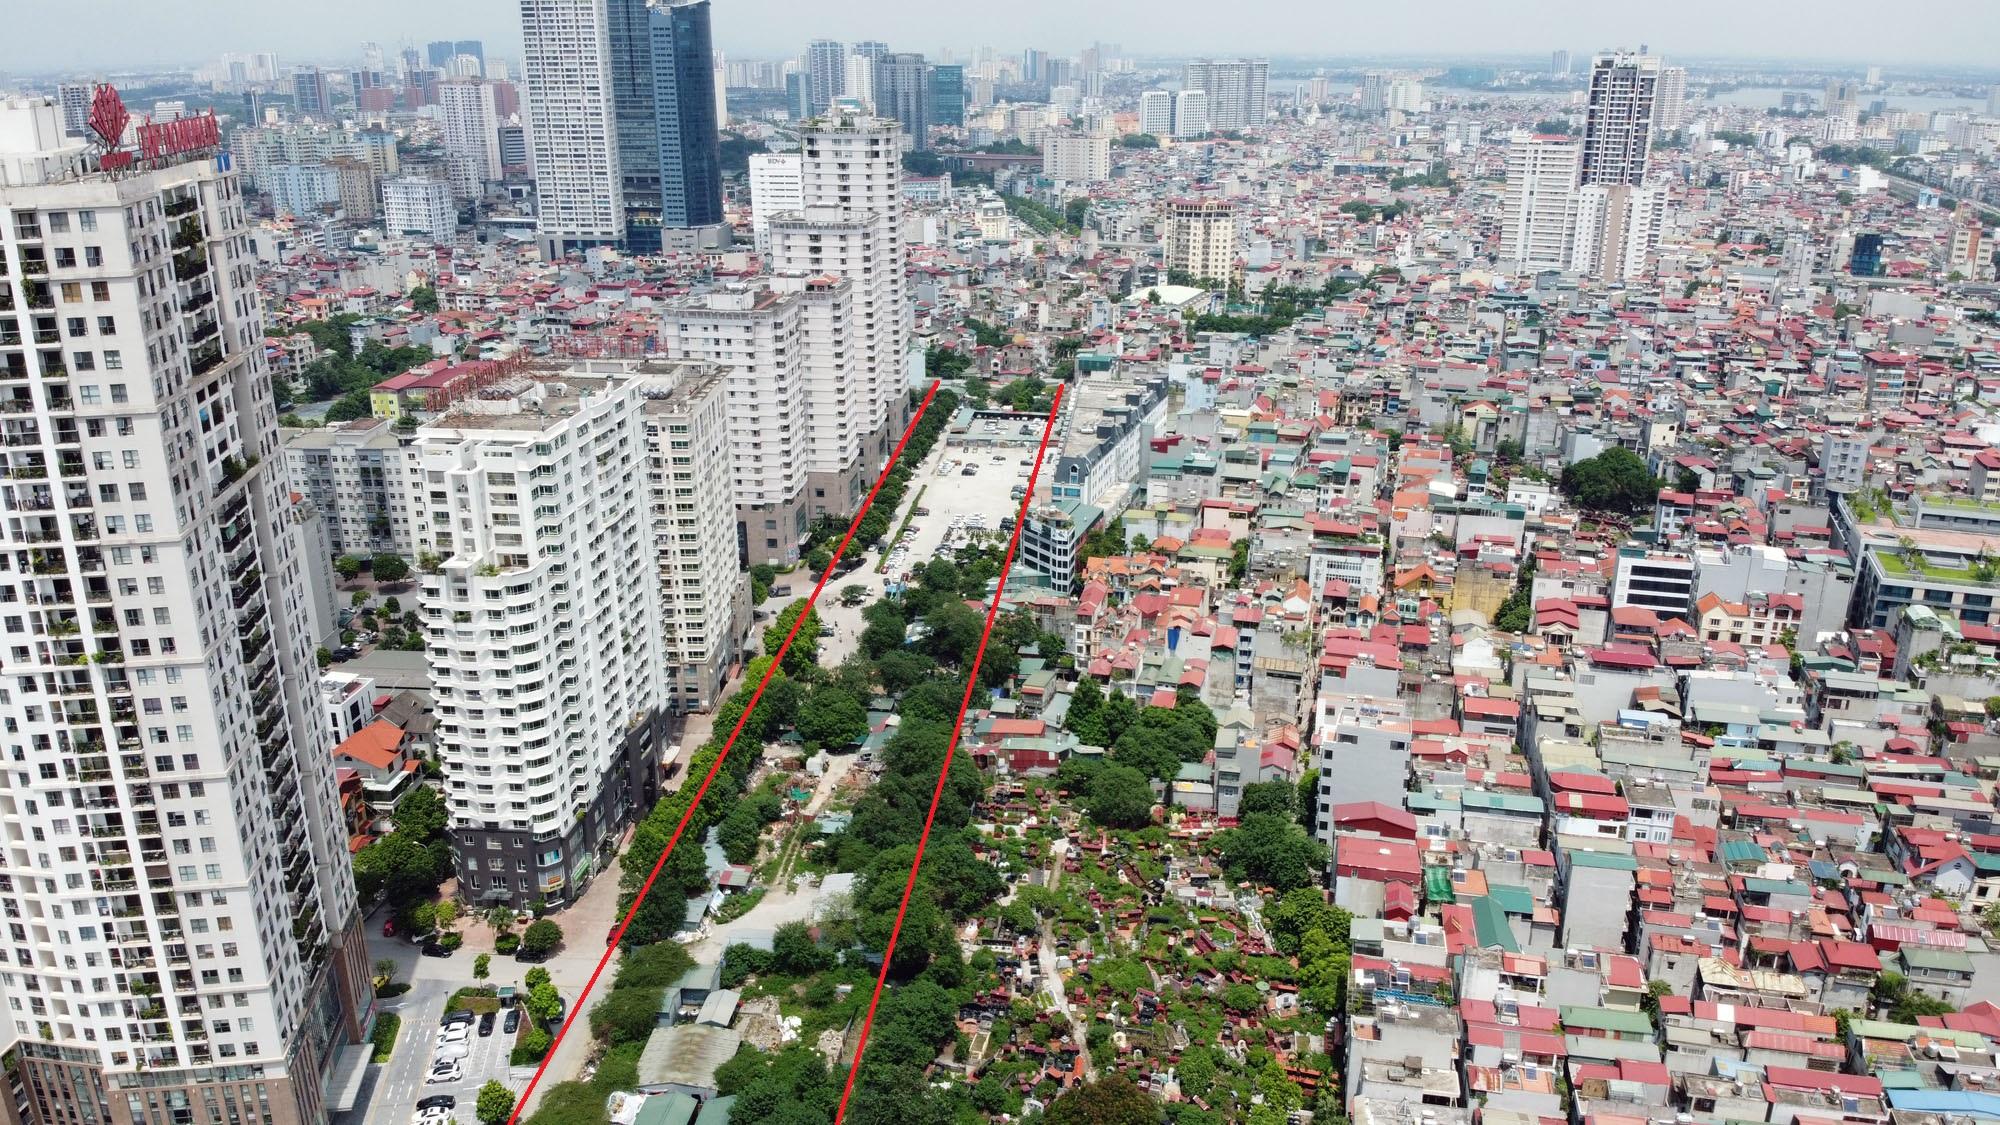 đường sẽ mở theo qui hoạch ở phường Yên Hòa, Cầu Giấy, Hà Nội - Ảnh 4.